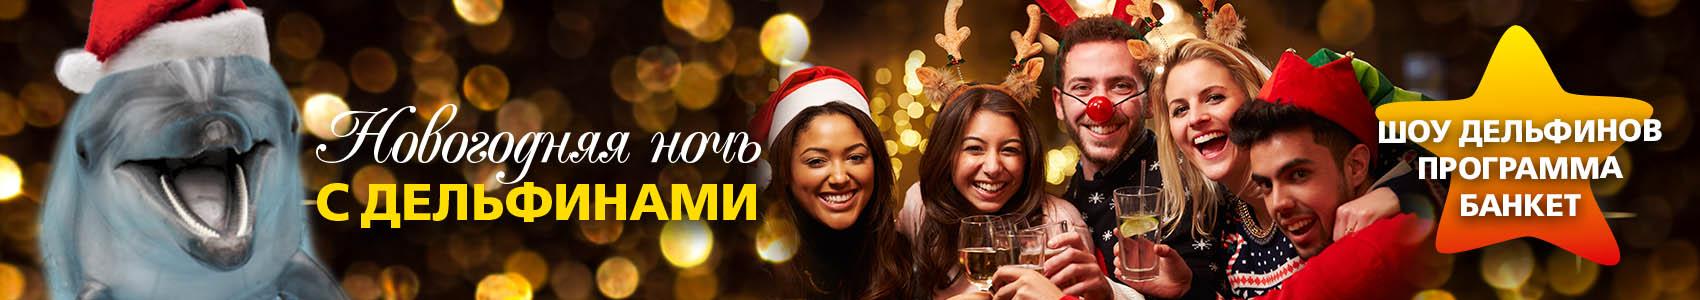 Новогодняя Ночь 2020 в NEMO в RESORT & SPA HOTEL NEMO, фото № 1